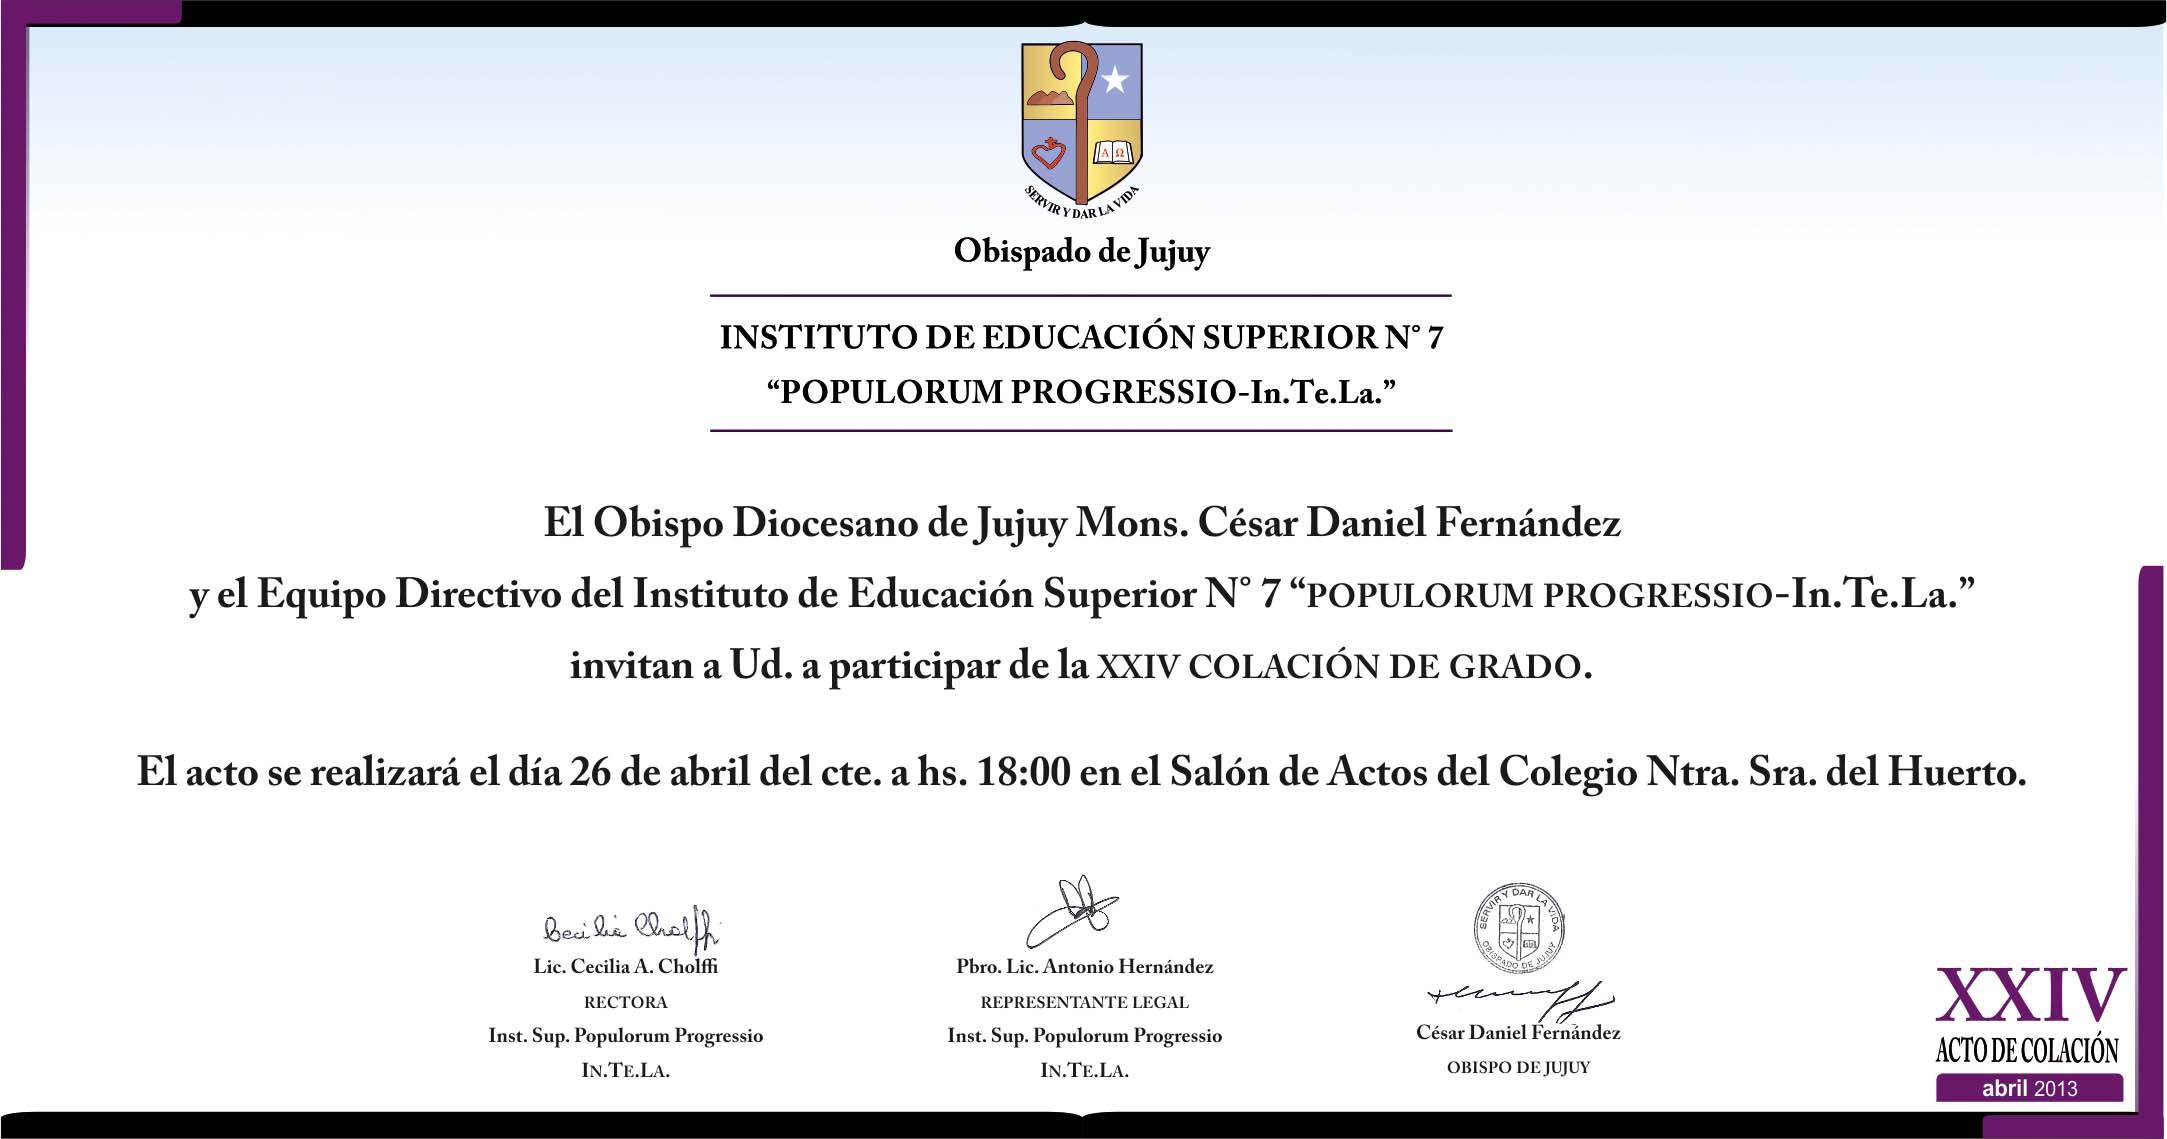 Cristian Romano Diseño Gráfico Jujuy